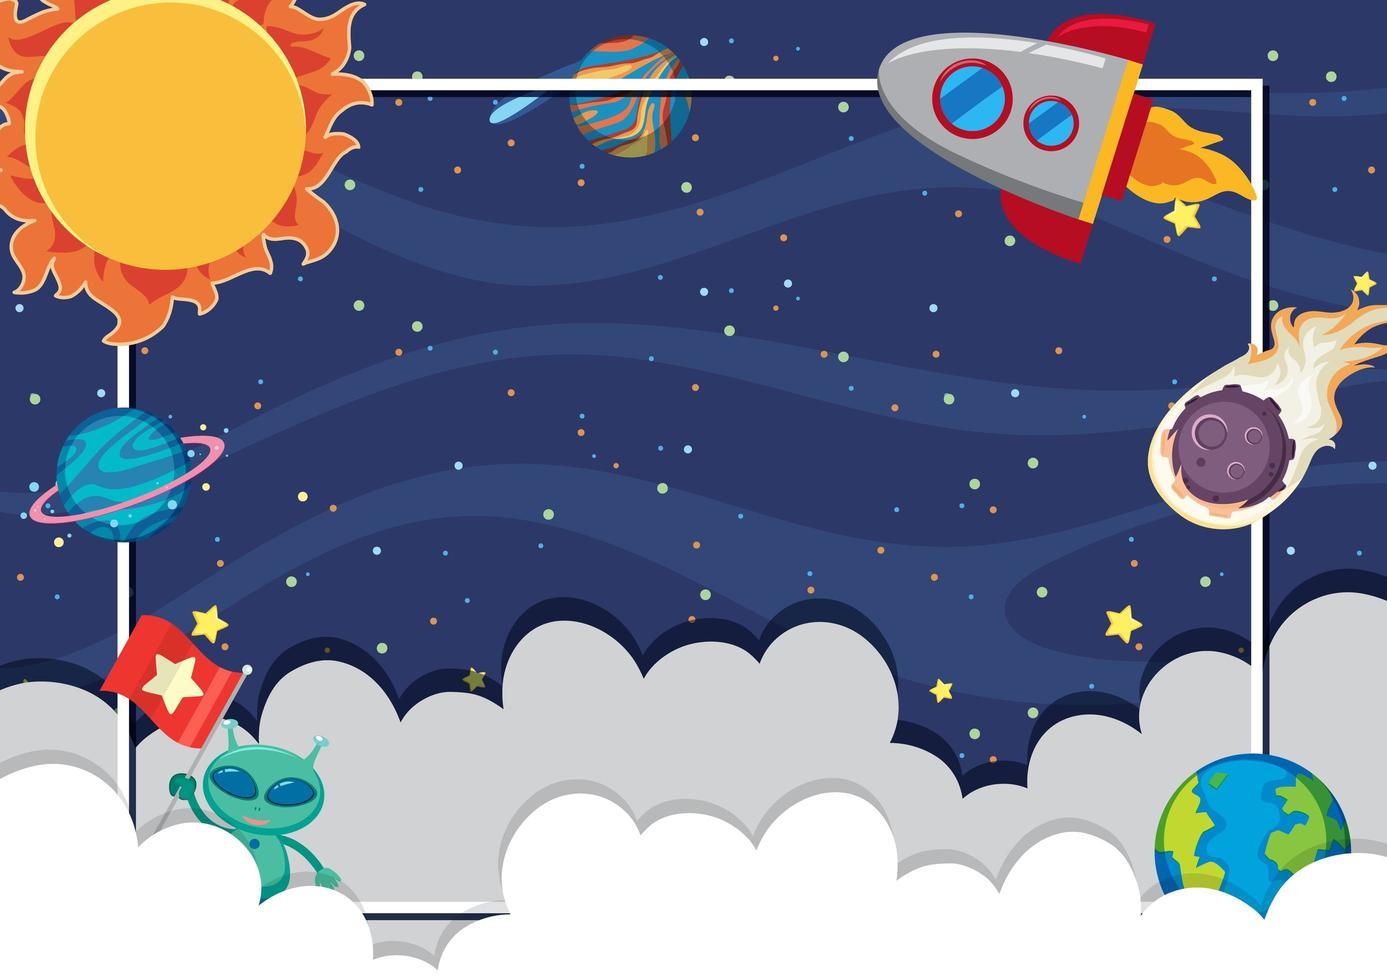 Marco De Tema Espacial Para Niños Descargar Vectores Gratis Illustrator Graficos Plantillas Diseño